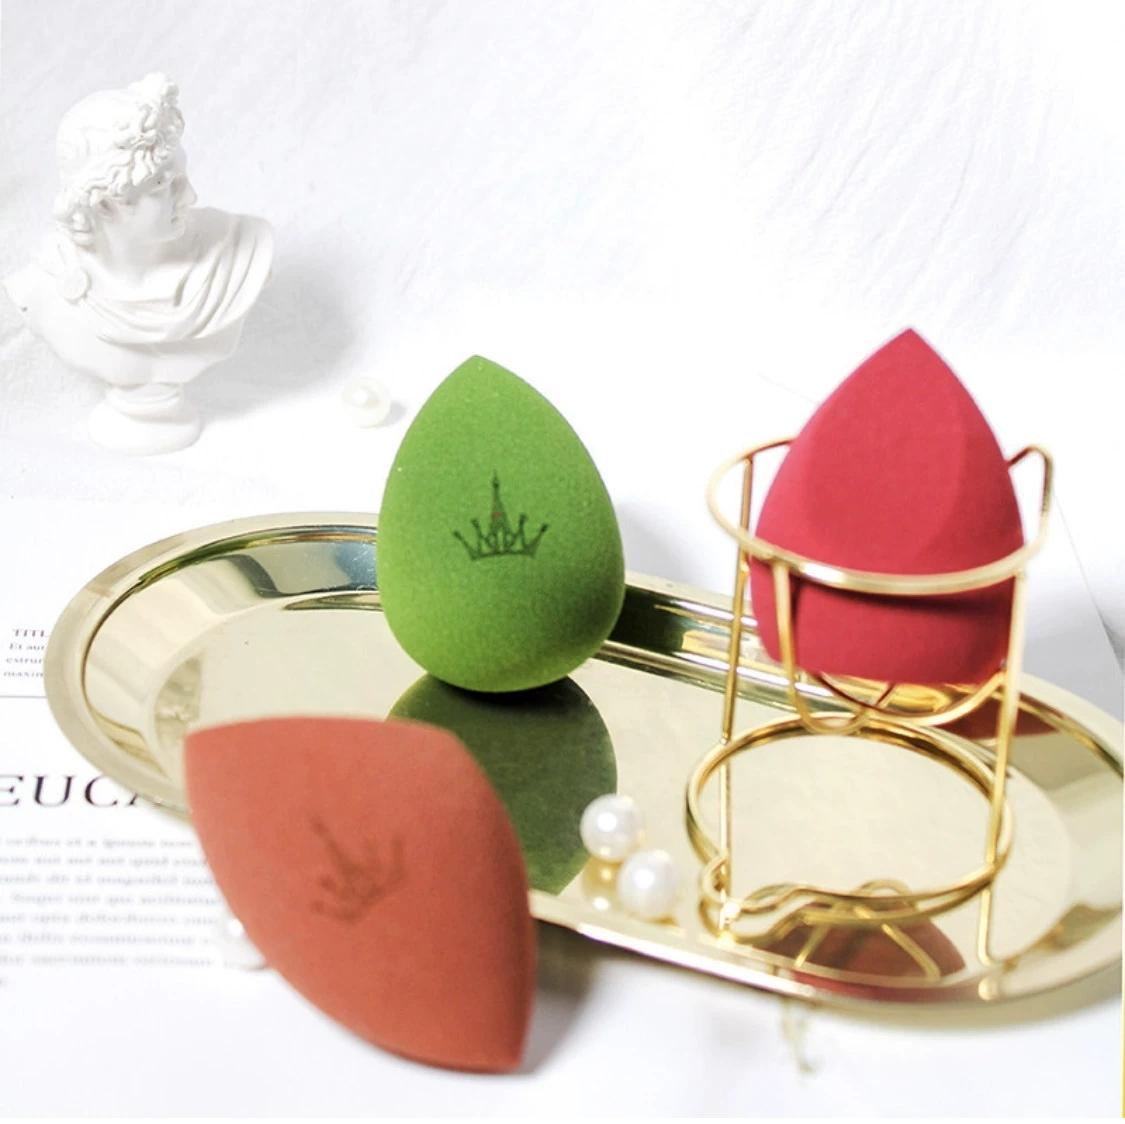 韩国尔木萄美妆蛋粉女干湿两用粉扑彩妆不吃粉海绵气垫化妆蛋套装